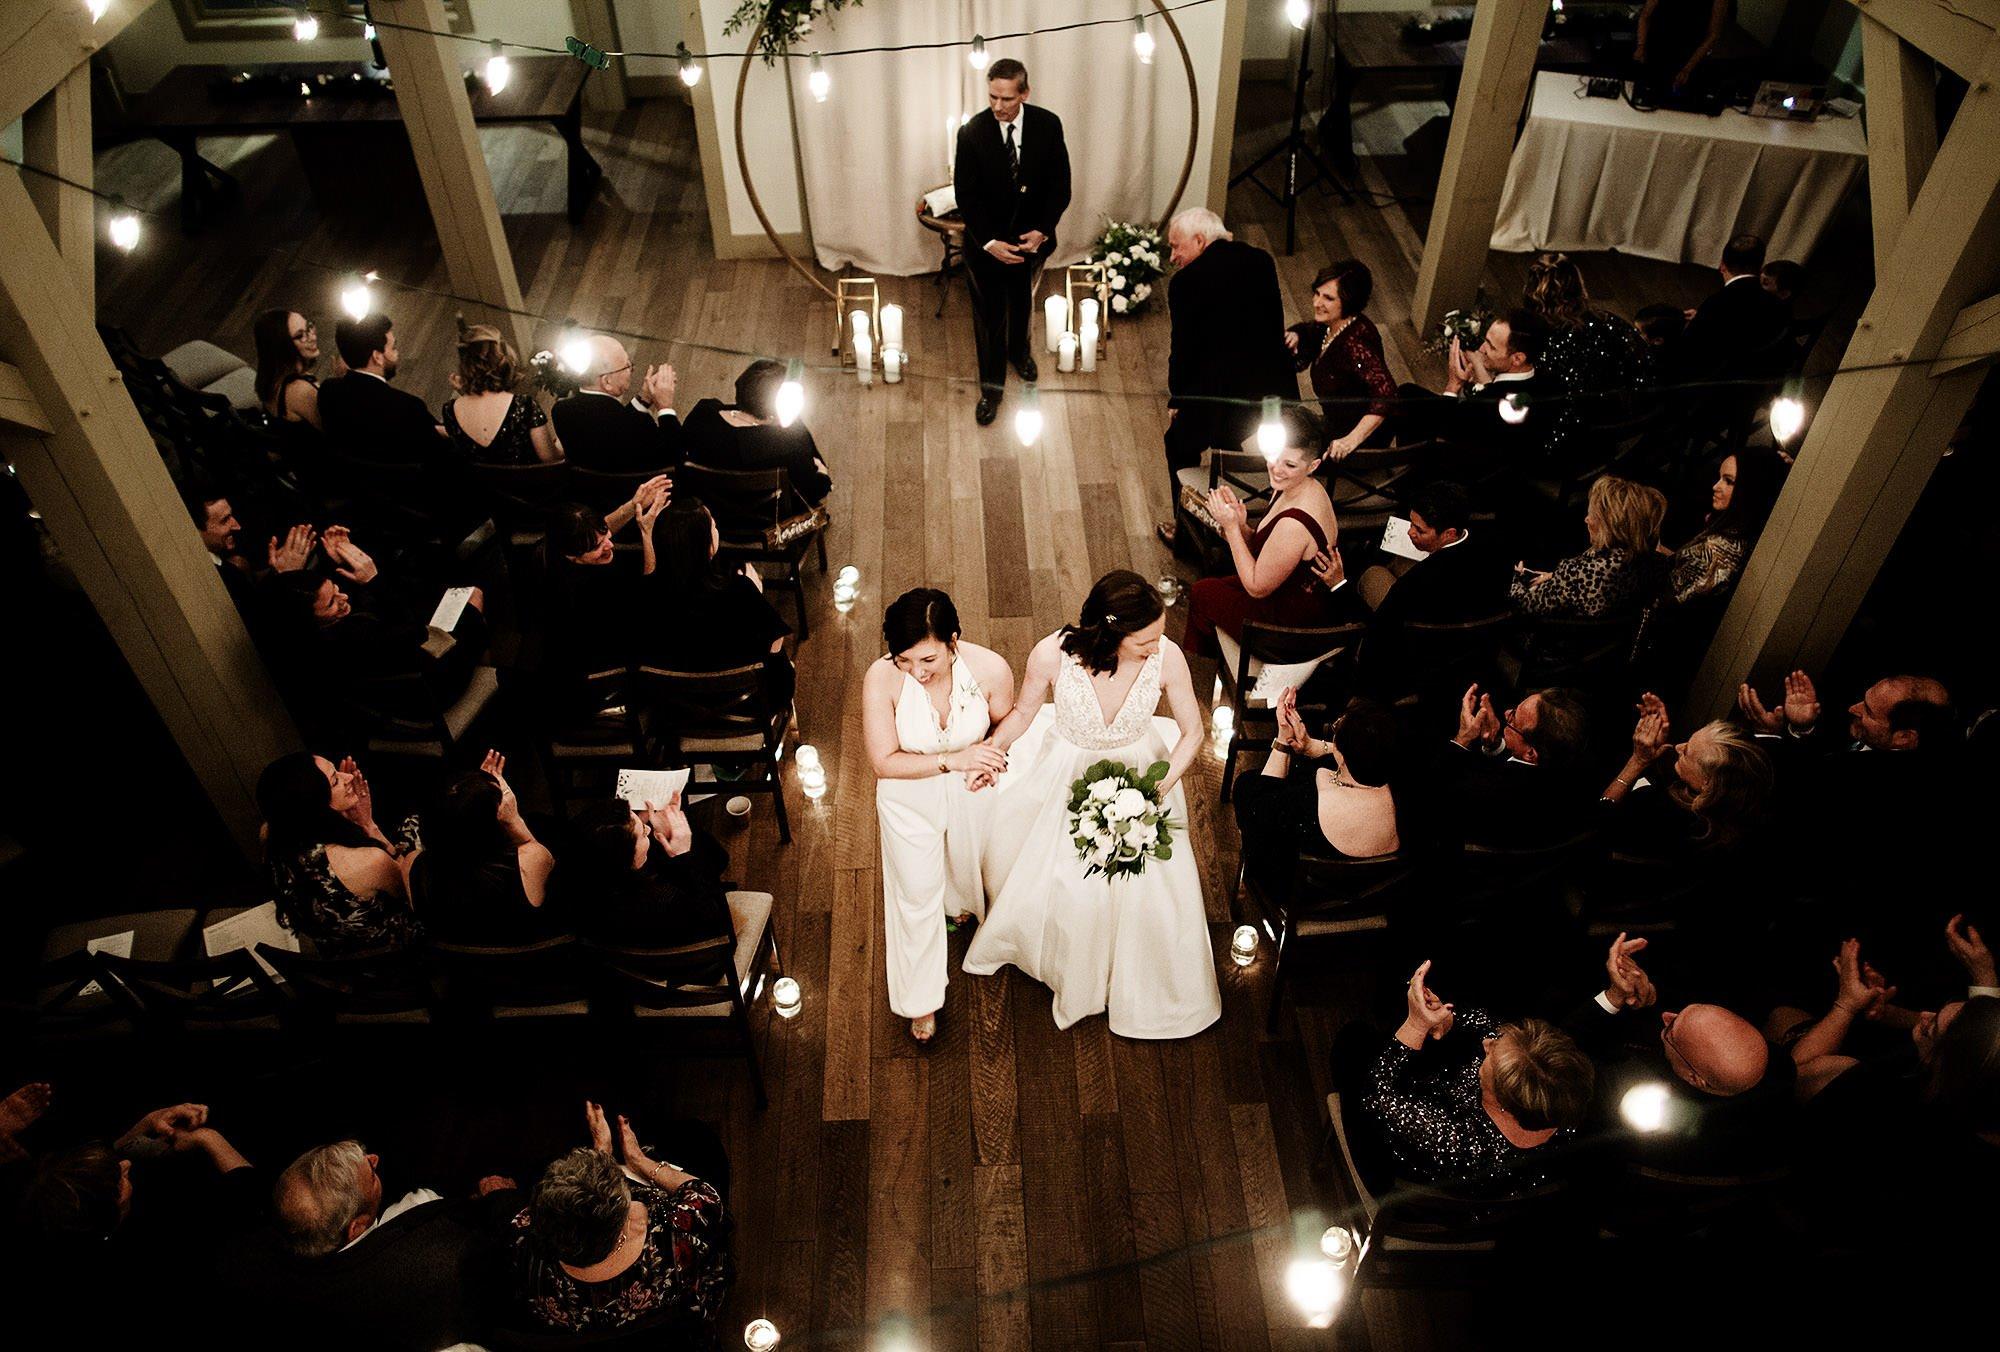 Briar Barn Inn Wedding  I  The brides walk down the aisle following the wedding ceremony.